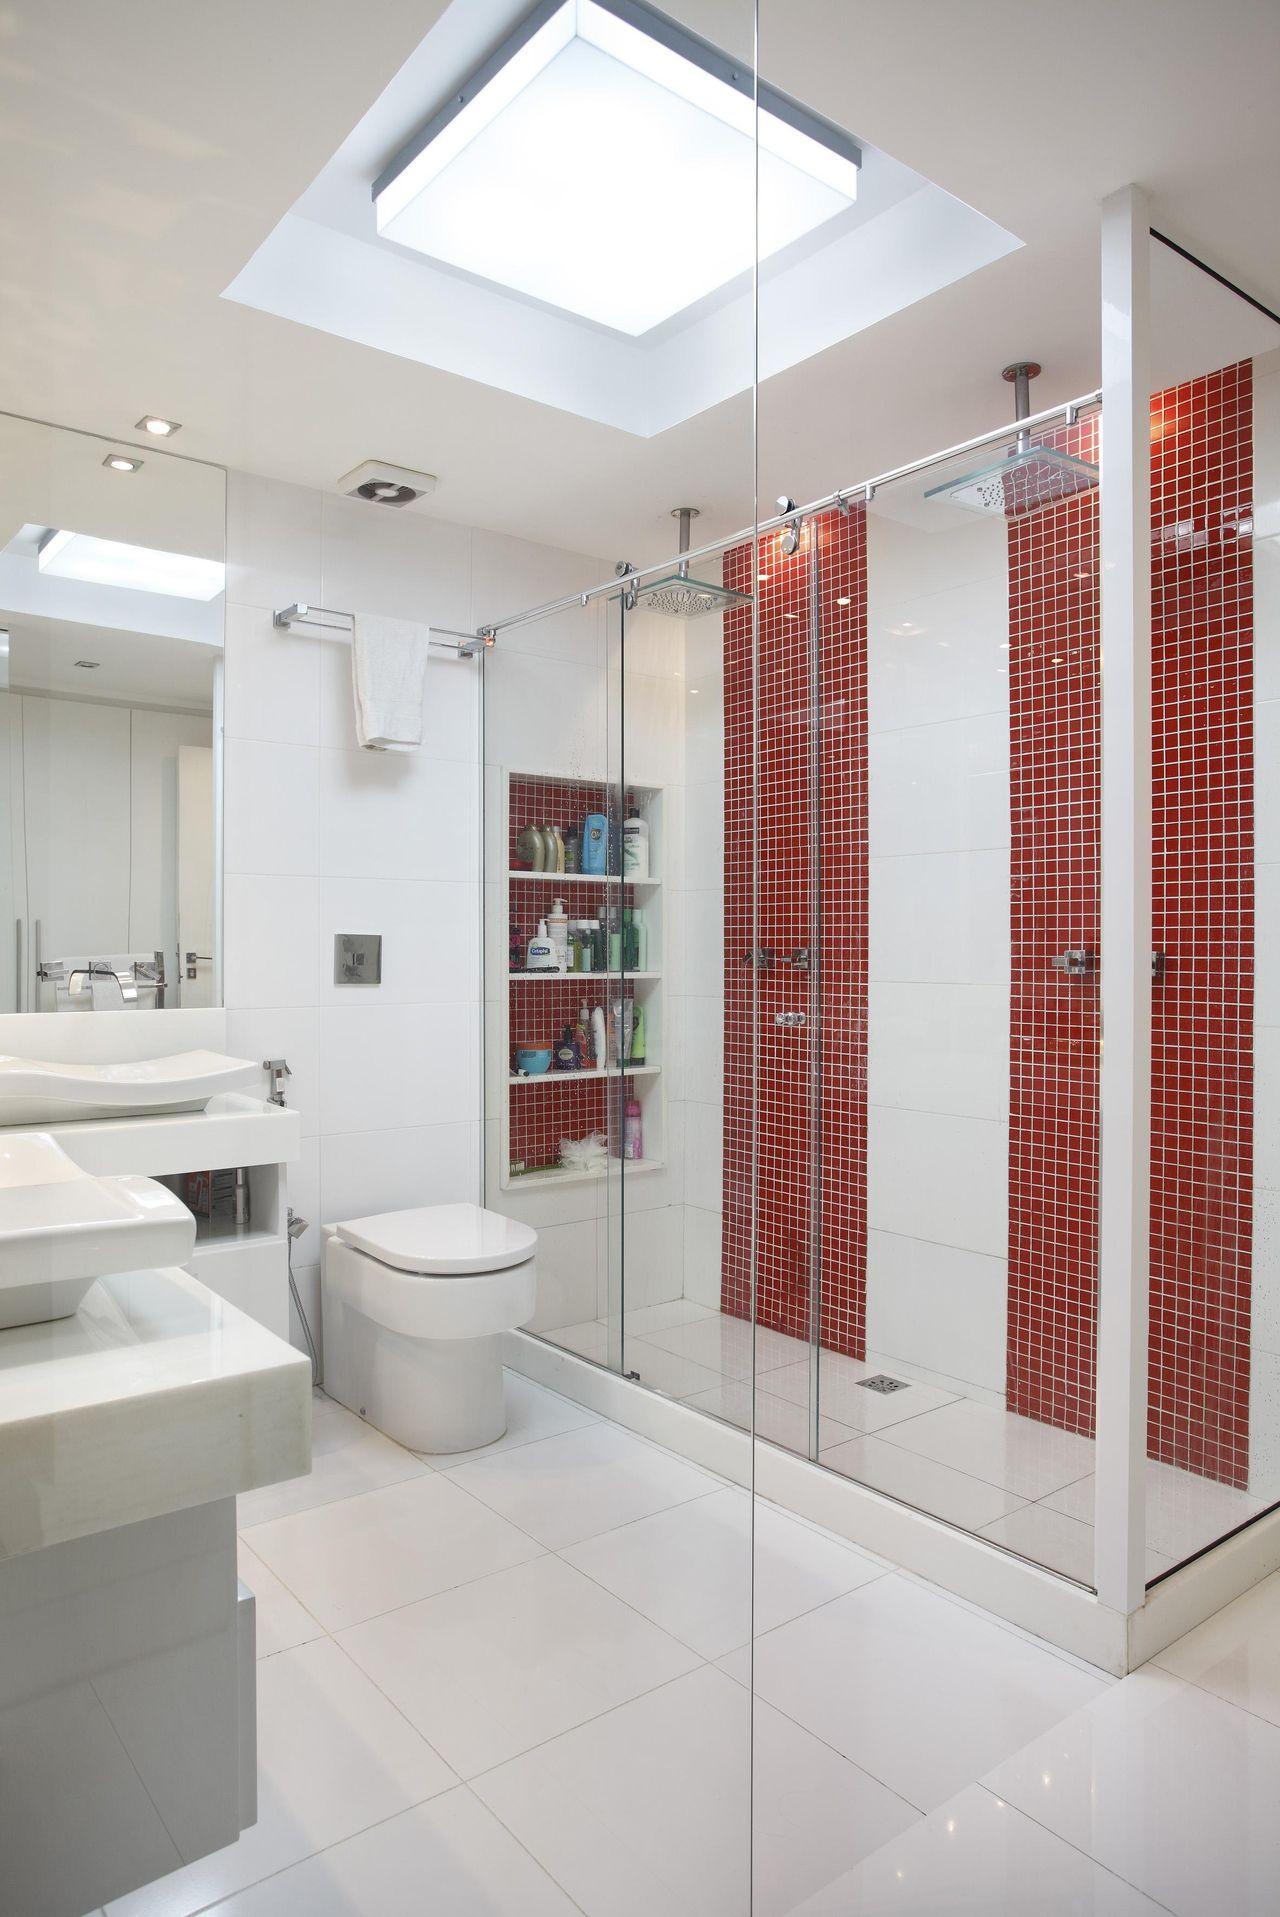 50 Banheiros Decorados com Pastilhas (melhores fotos!) -> Decoracao De Banheiro Vermelho E Branco